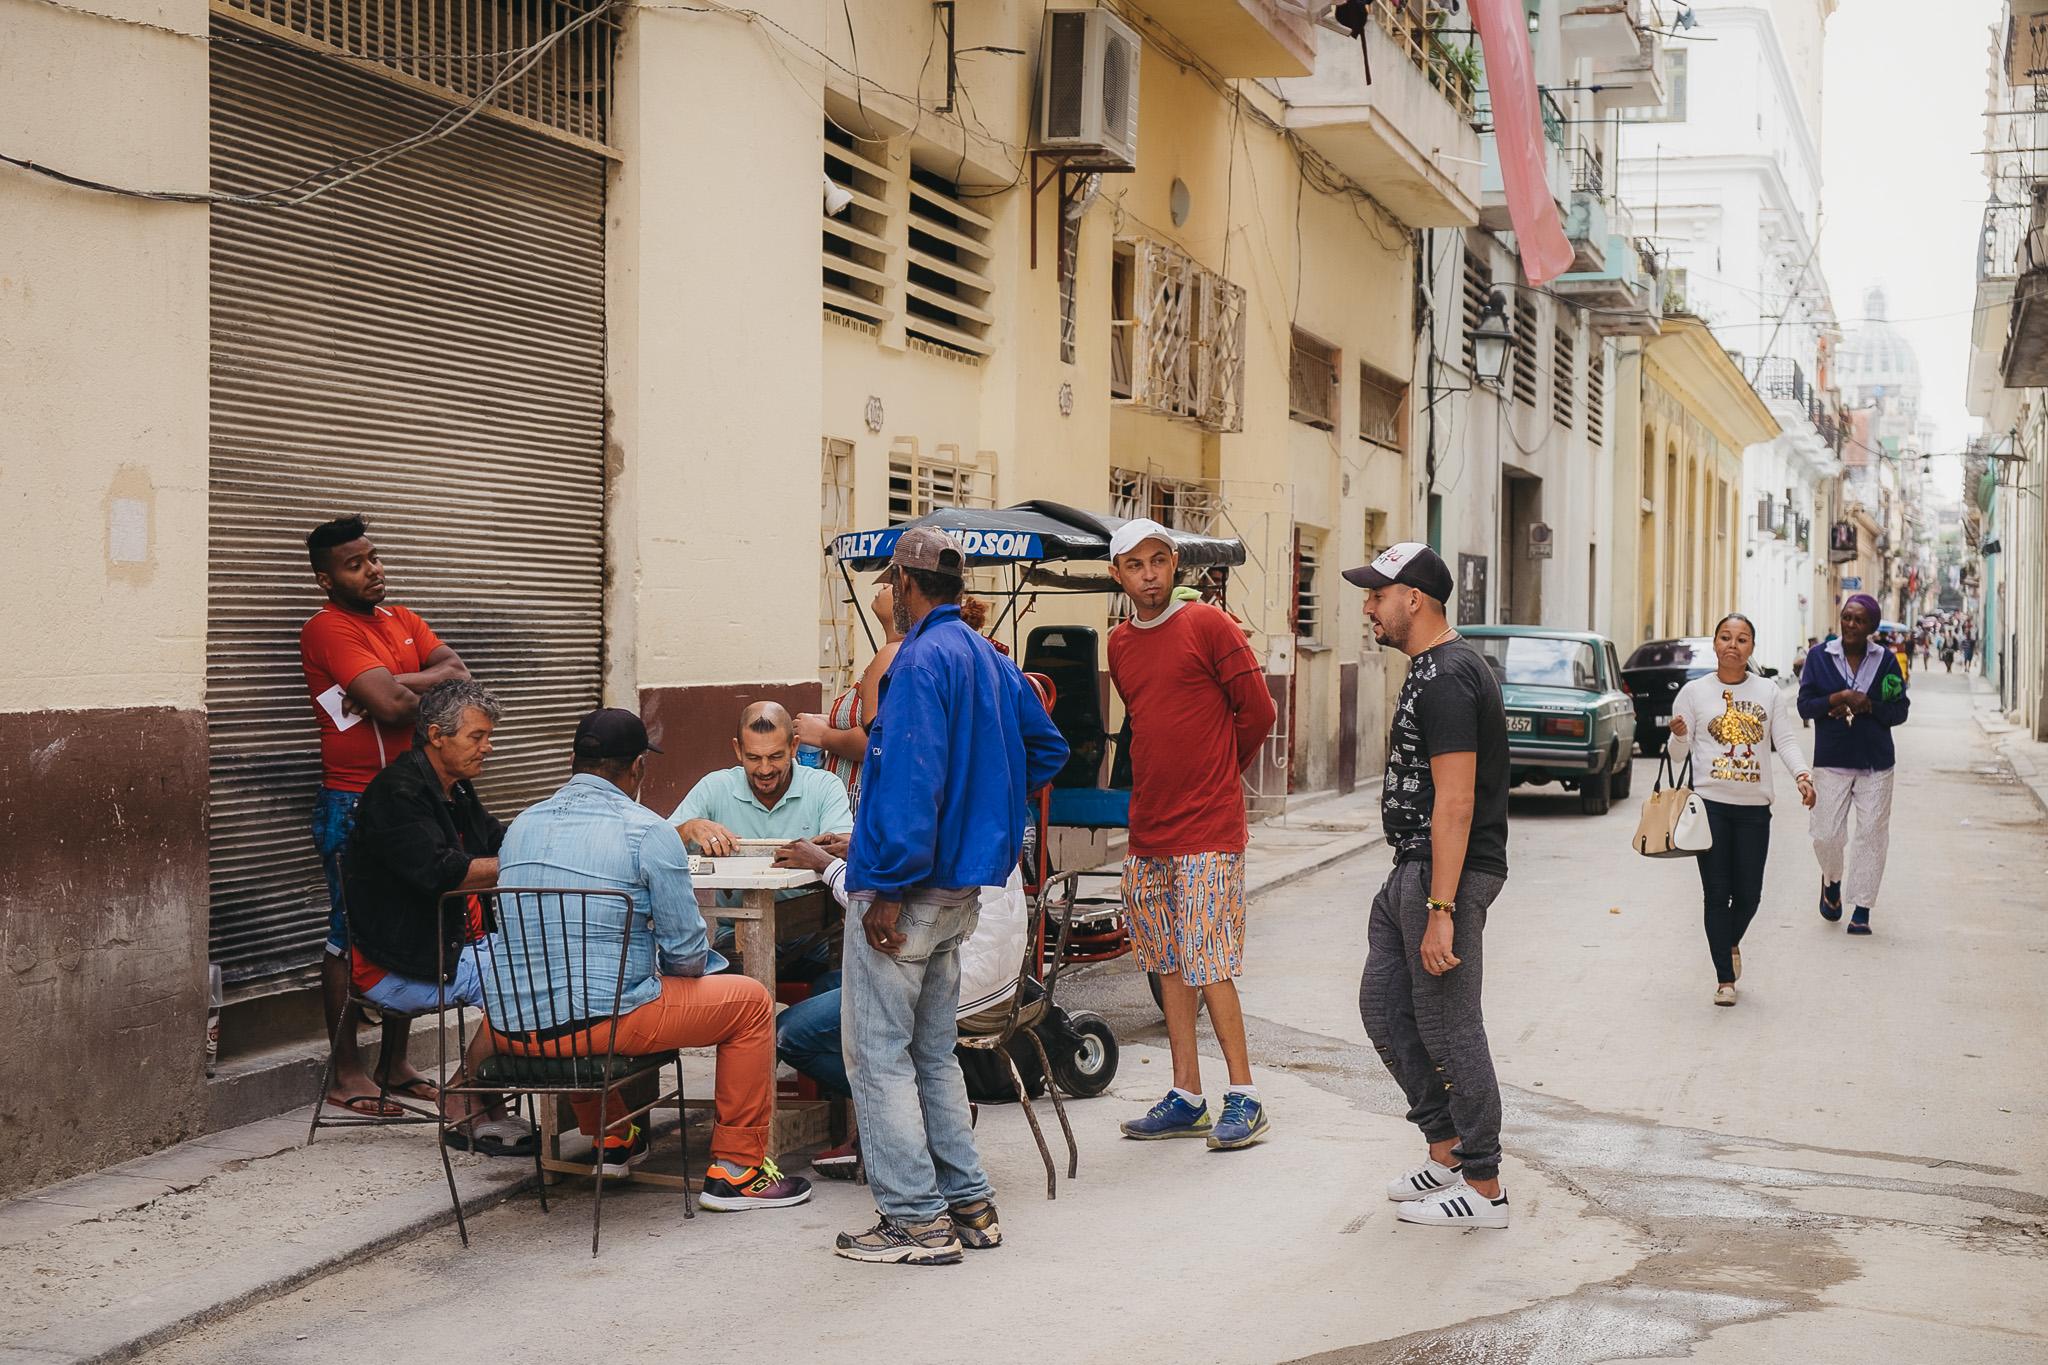 Cuba-2017-12-Havana-0422.jpg